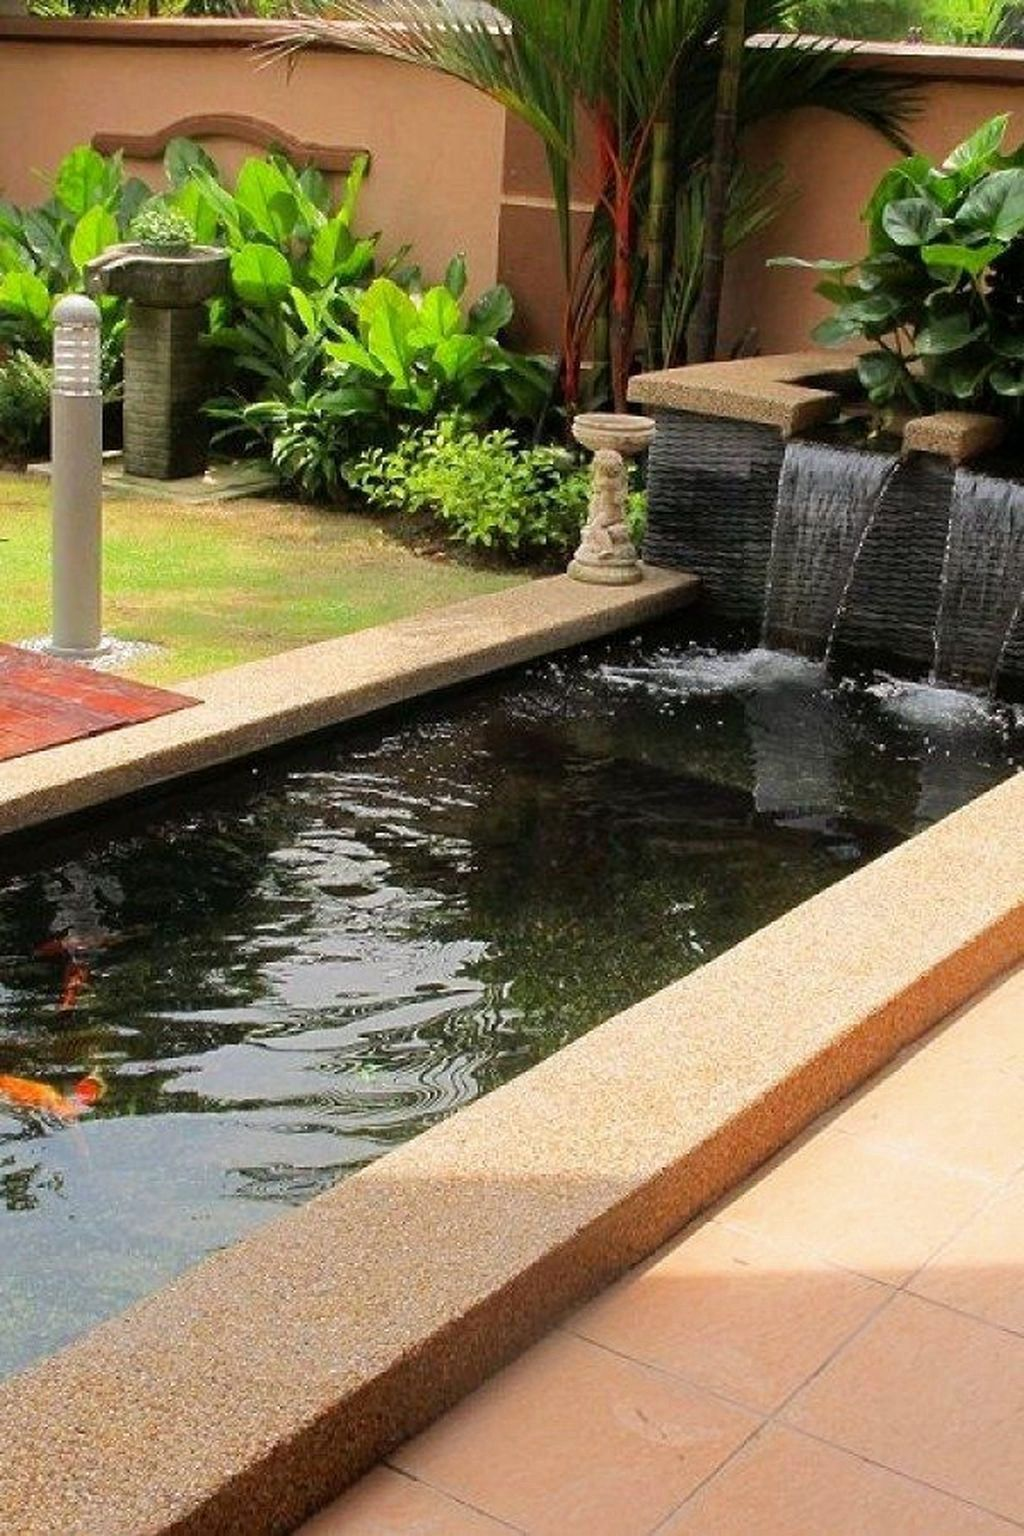 45 Favourite Pond Garden Ideas For Beautiful Backyard Pondgardenideas Beautifulbackyardgarden In 2020 Koi Pond Design Pond Design Ponds Backyard Diy backyard koi pond